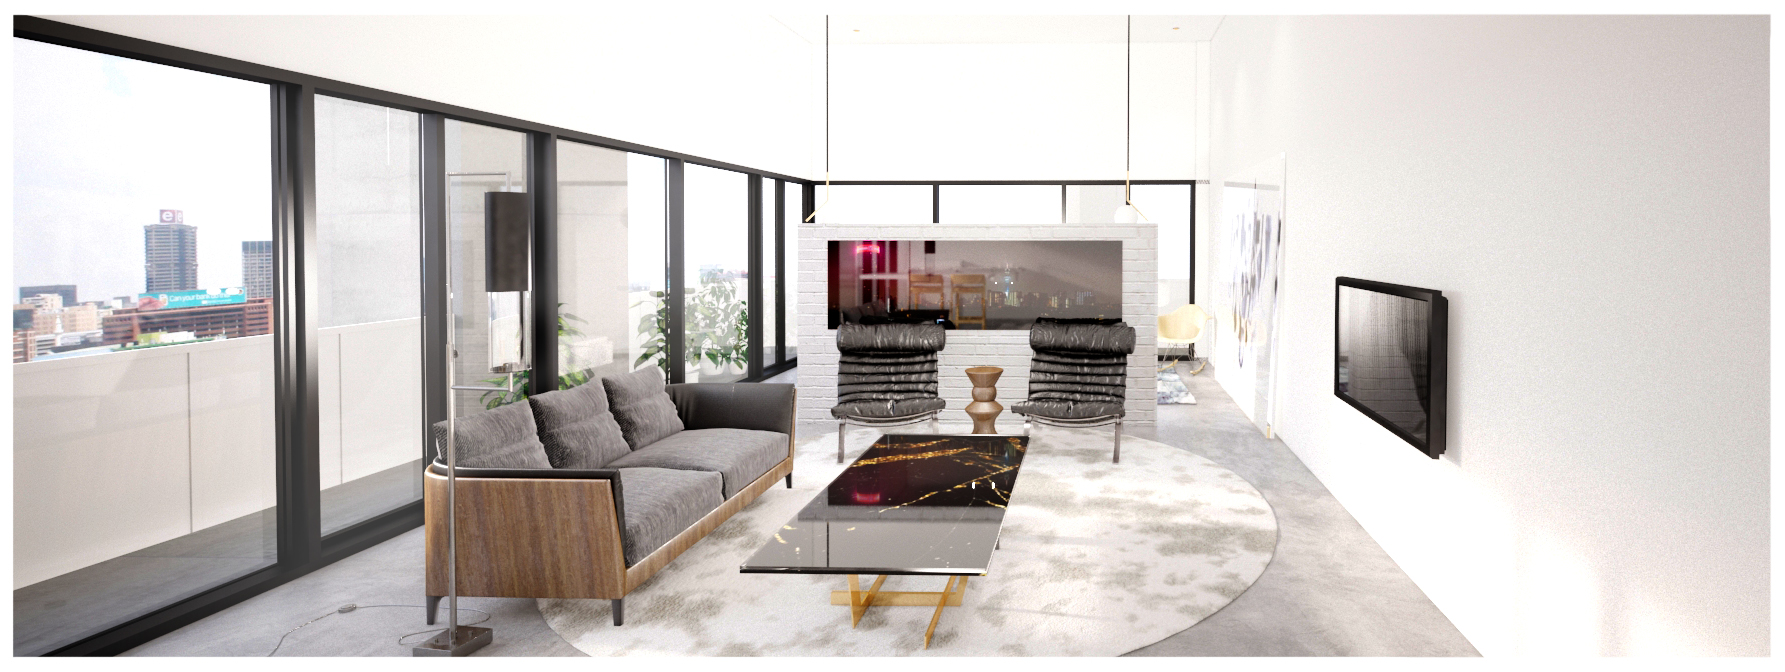 Interior render of corner apartment